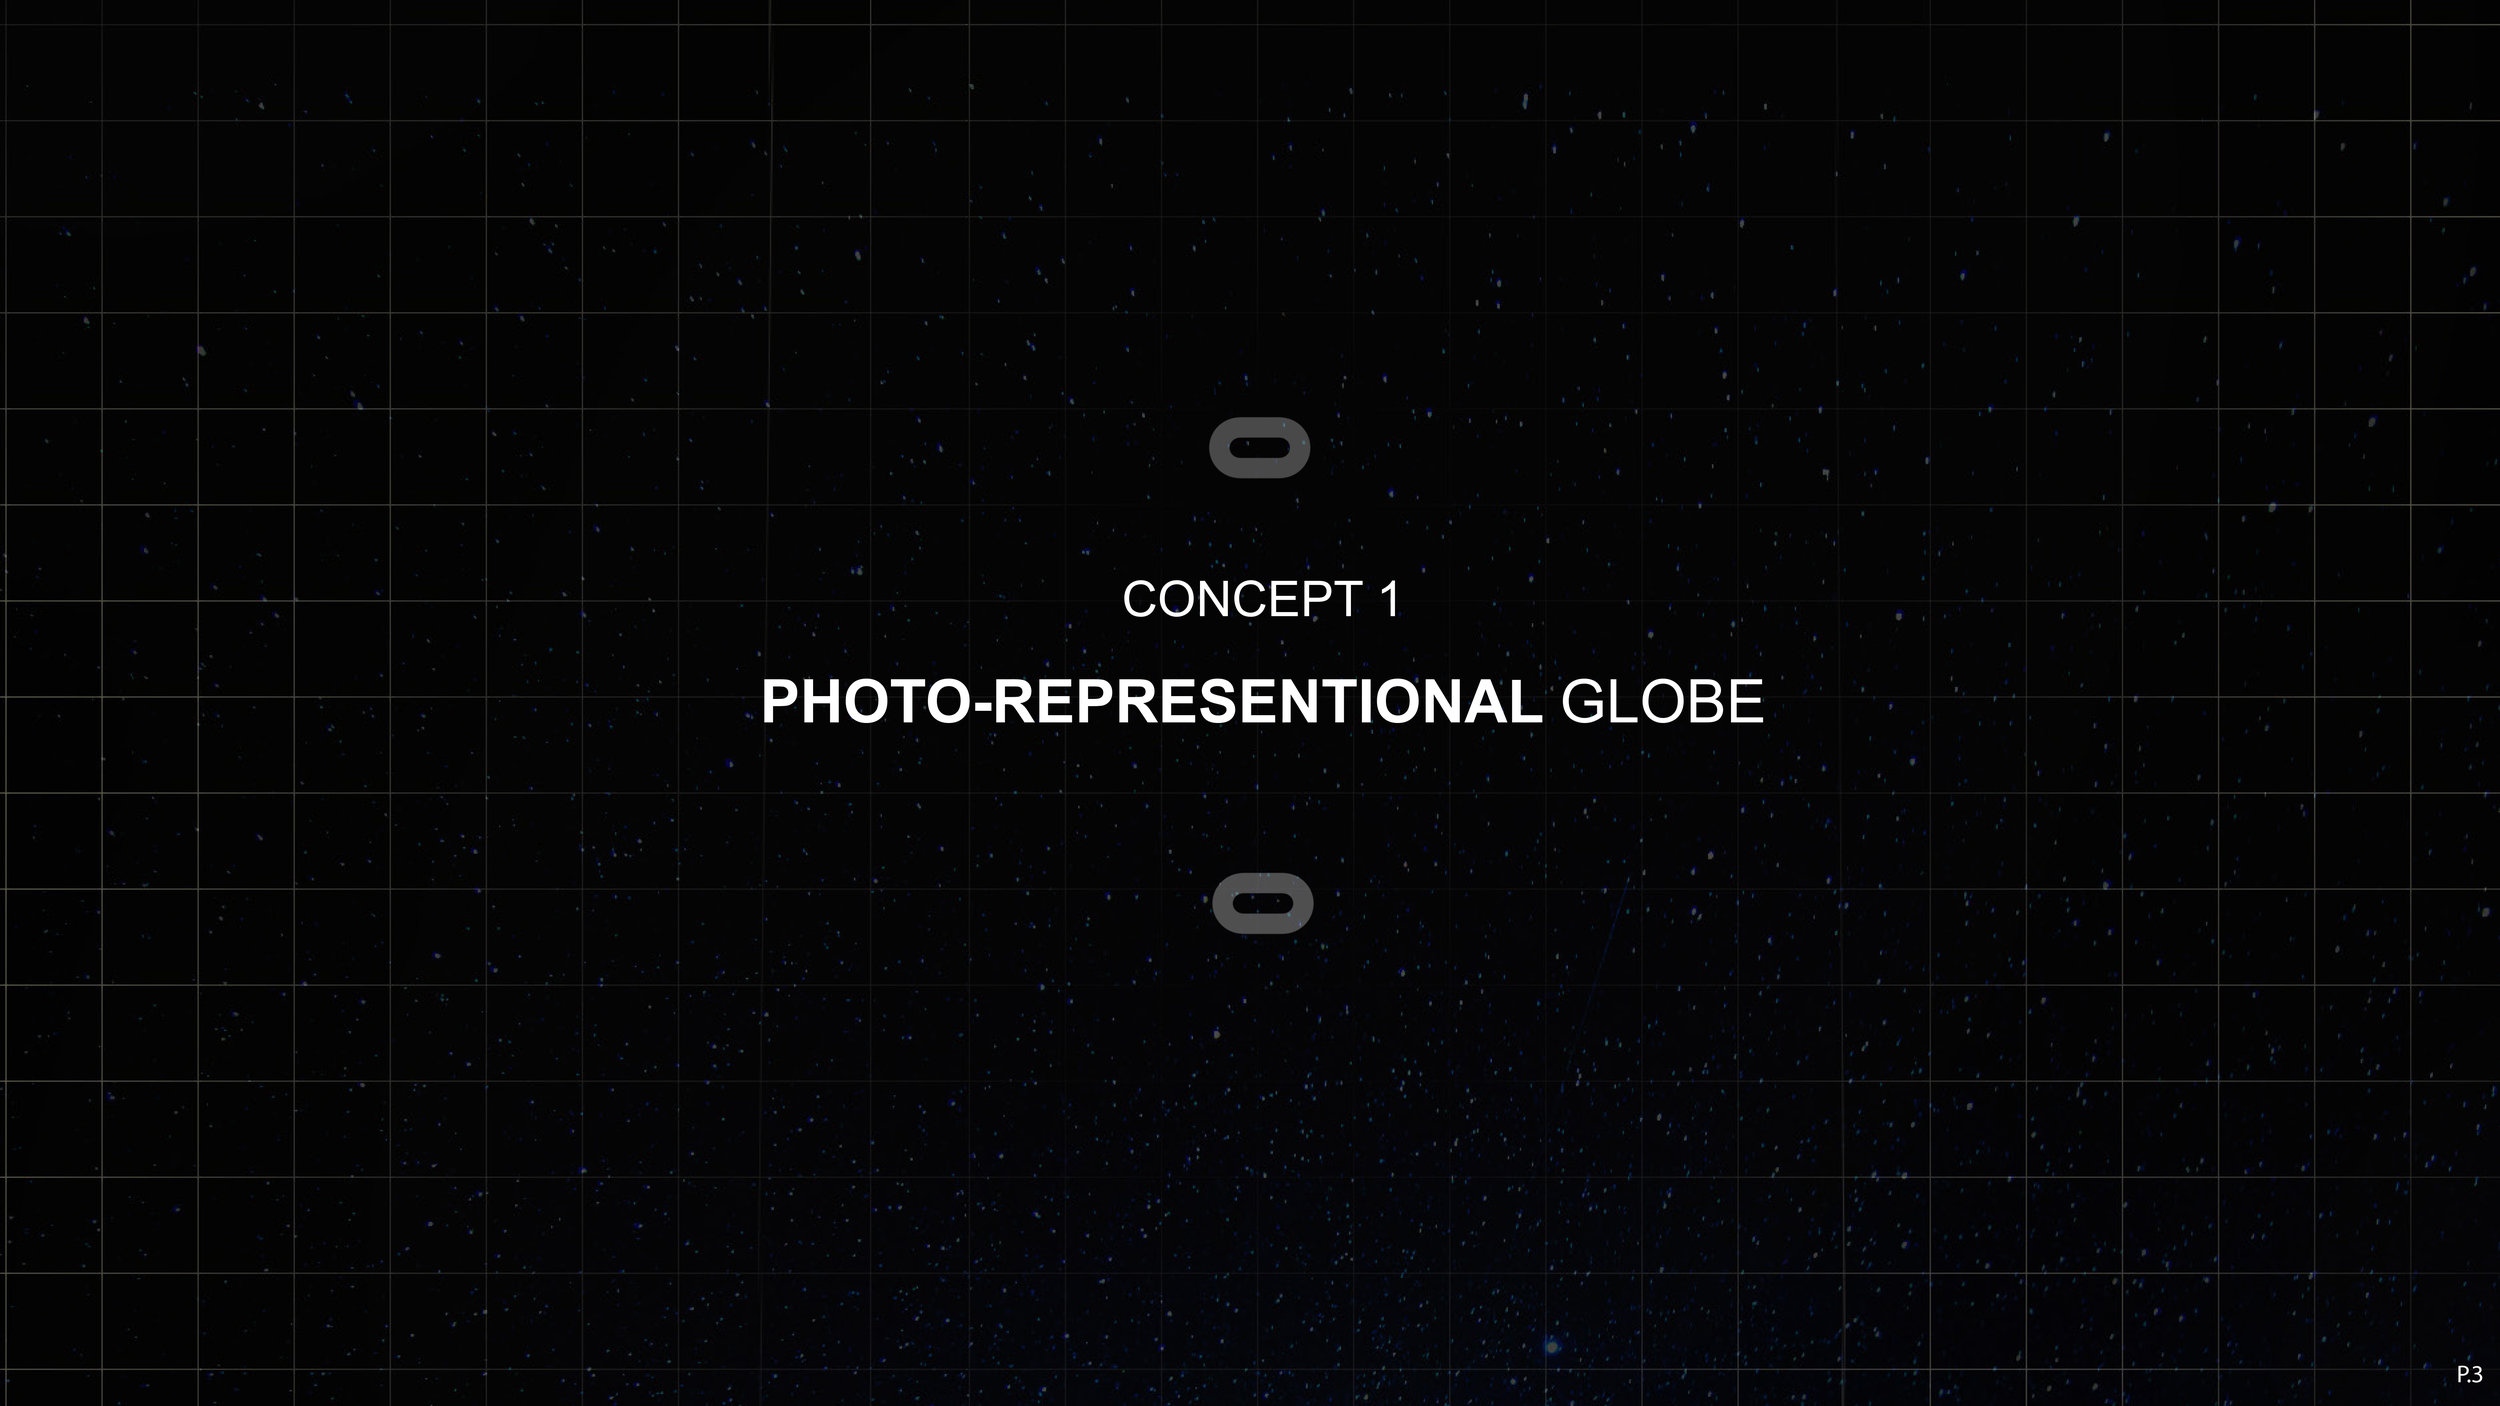 RFX_Oculus_GlobeVR_Concepts_v1_20160629-3.jpg